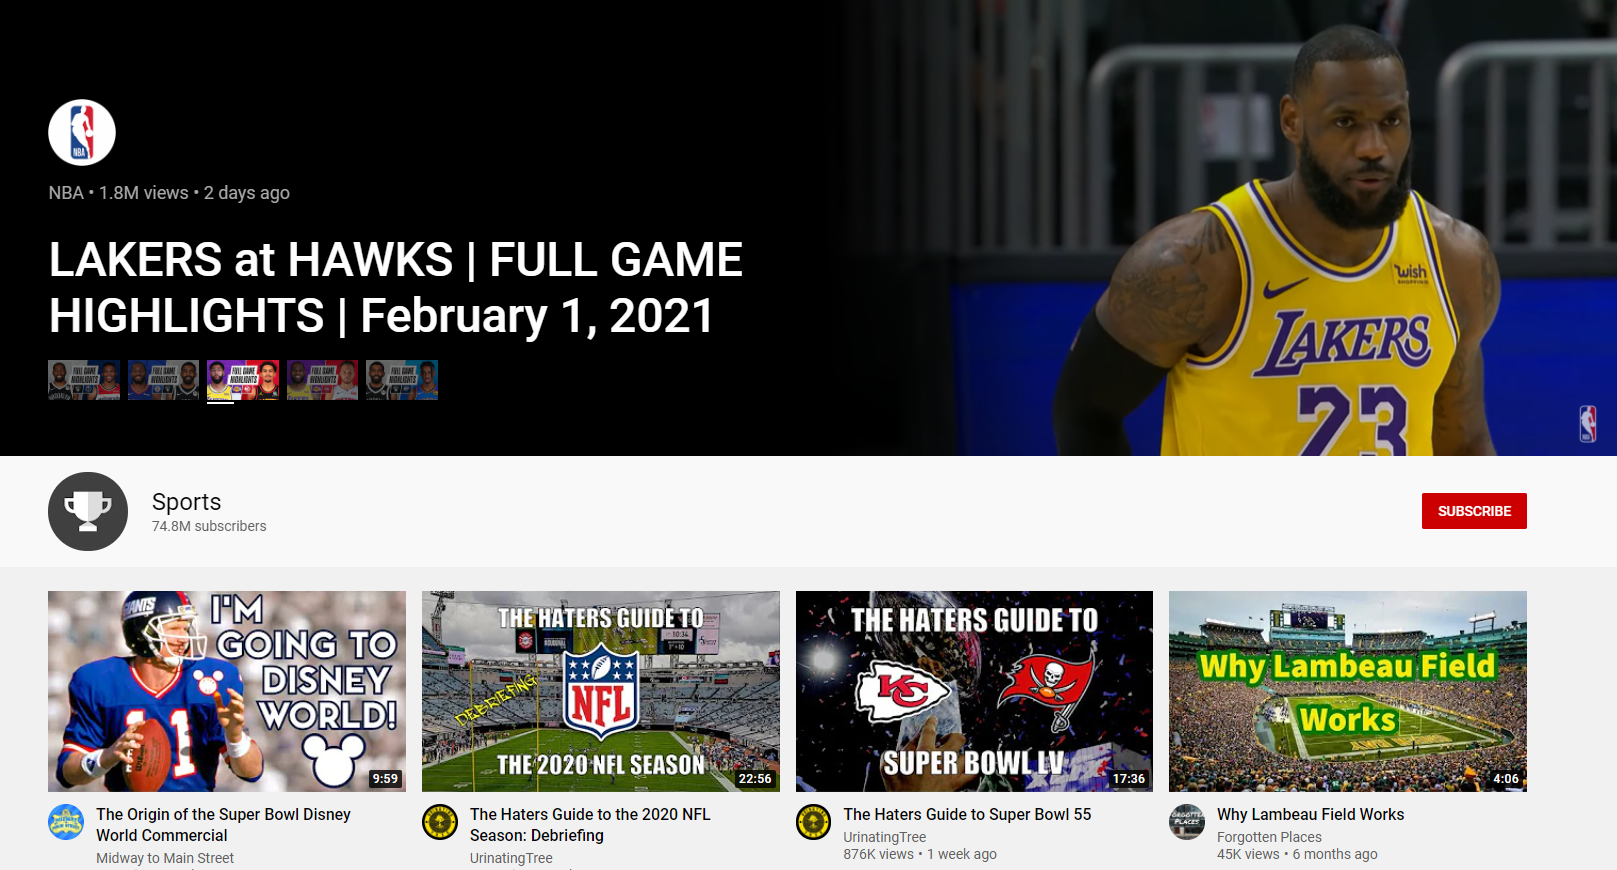 YouTube меняет дизайн своей спортивной страницы, чтобы рекламировать громкие события, материалы о спортсменах и живые игры.